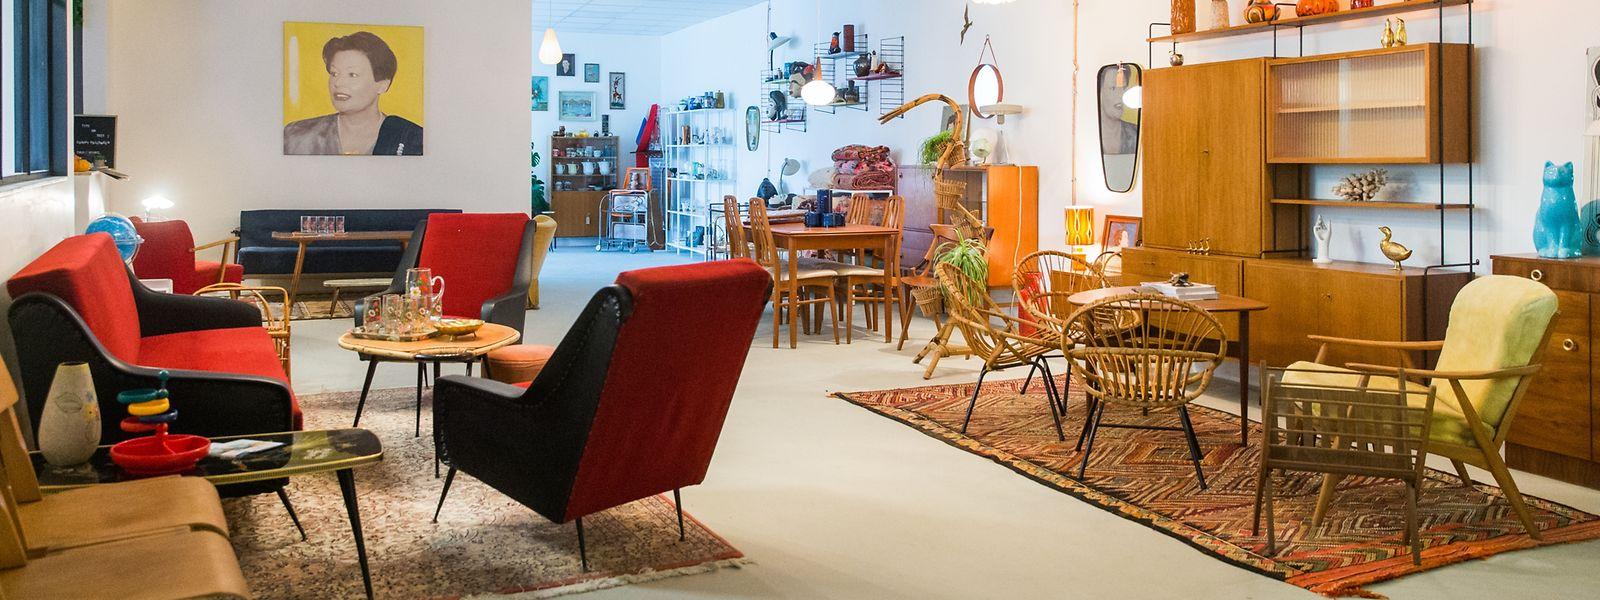 Der Möbel-Showroom von Oddhaus Vintage bietet alles, von Polstermöbeln über Schrankwände bis hin zu Kuriositäten wiedekorativen Messingdelfinen.